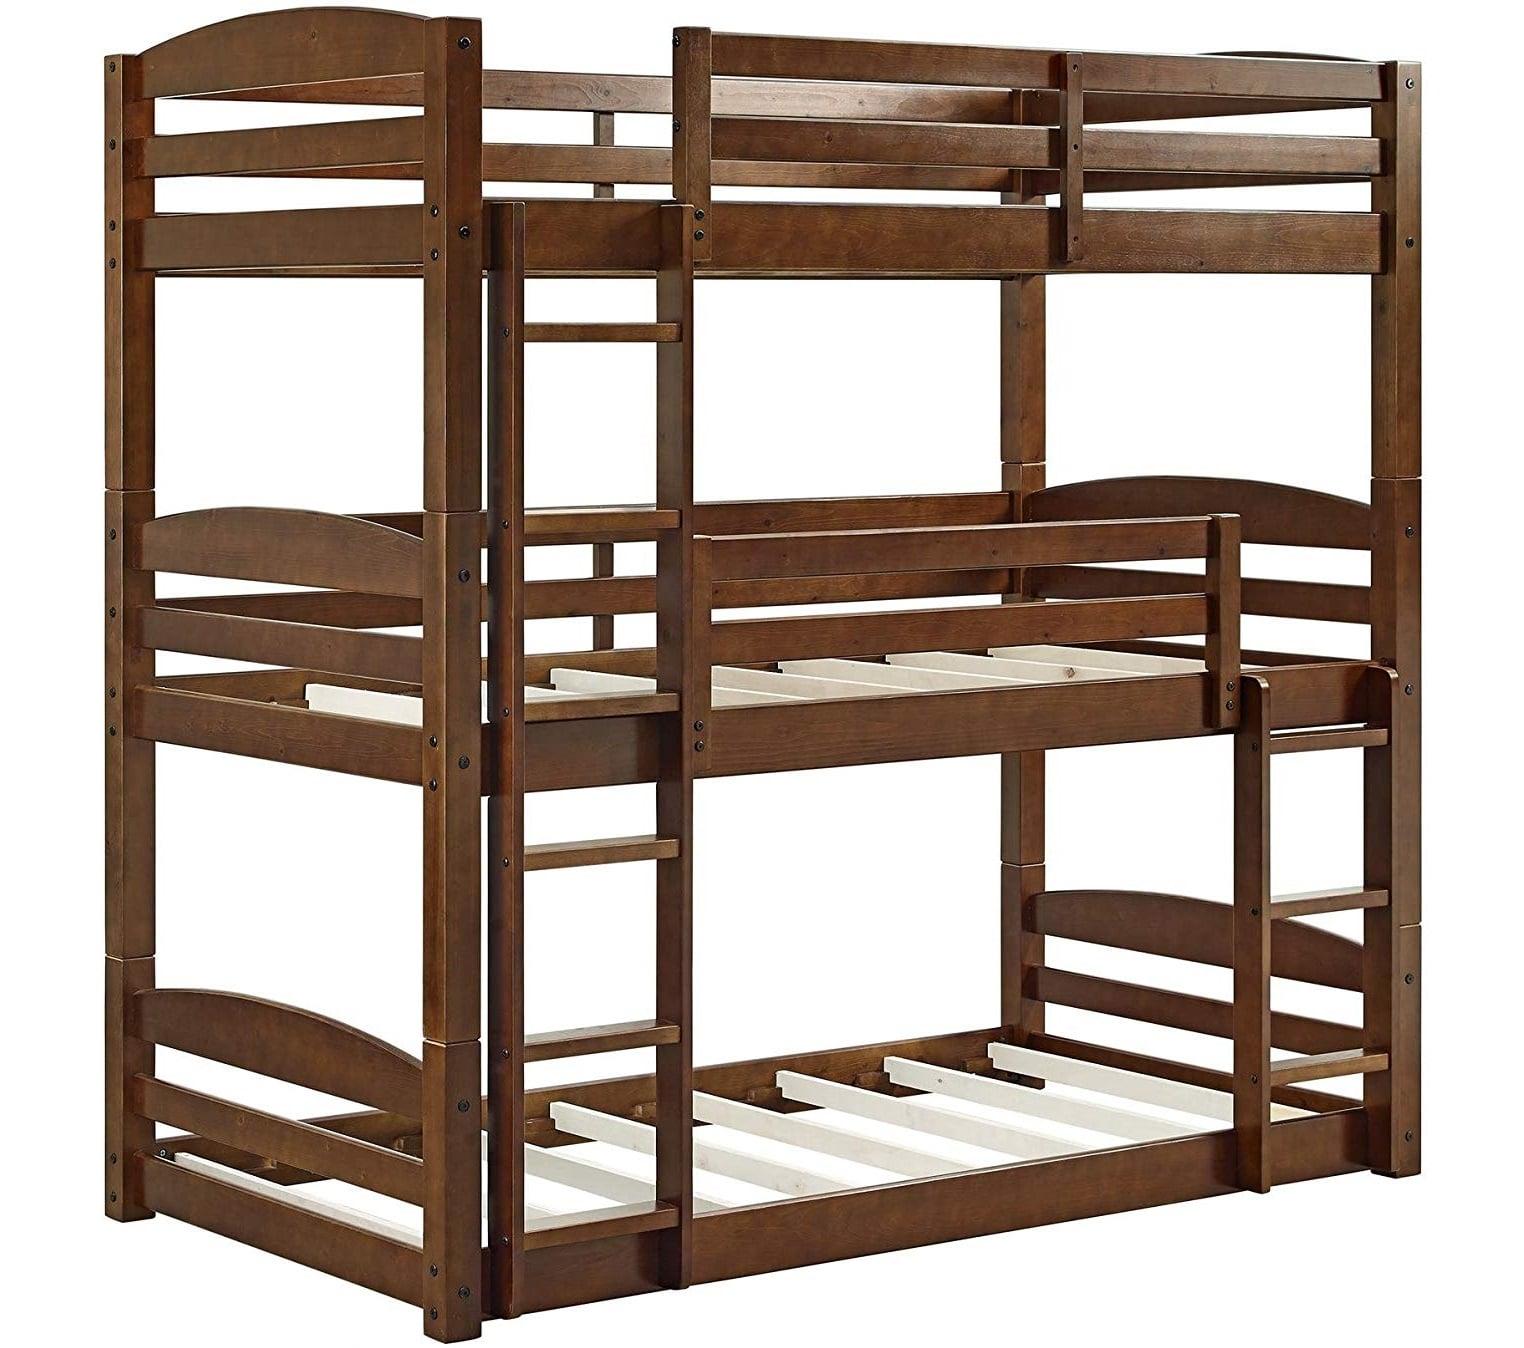 5.Dorel Living Sierra Triple Bunk Bed, Mocha